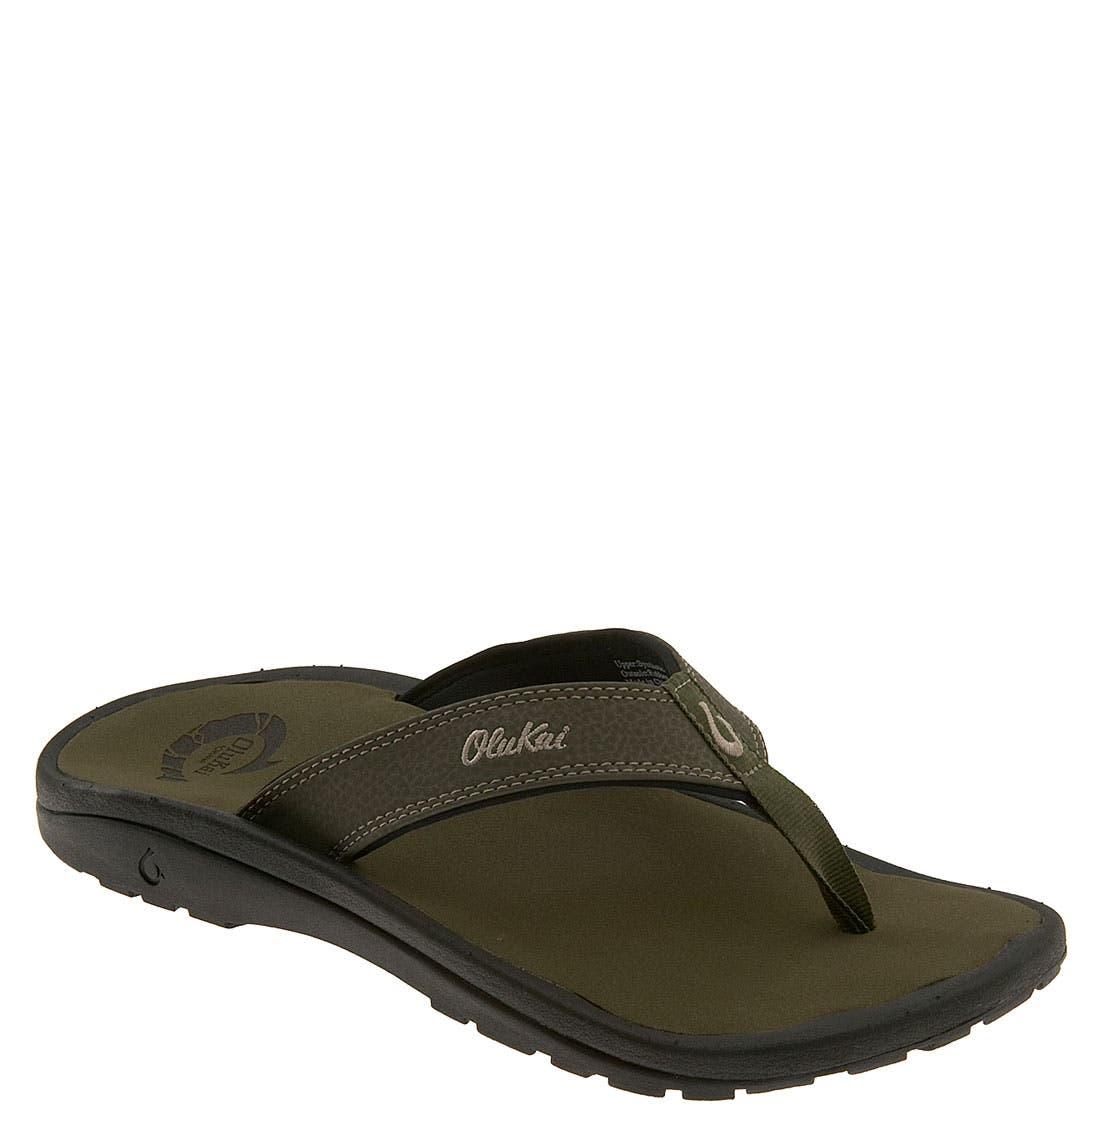 Men's Olukai 'Ohana' Flip Flop, Size 15